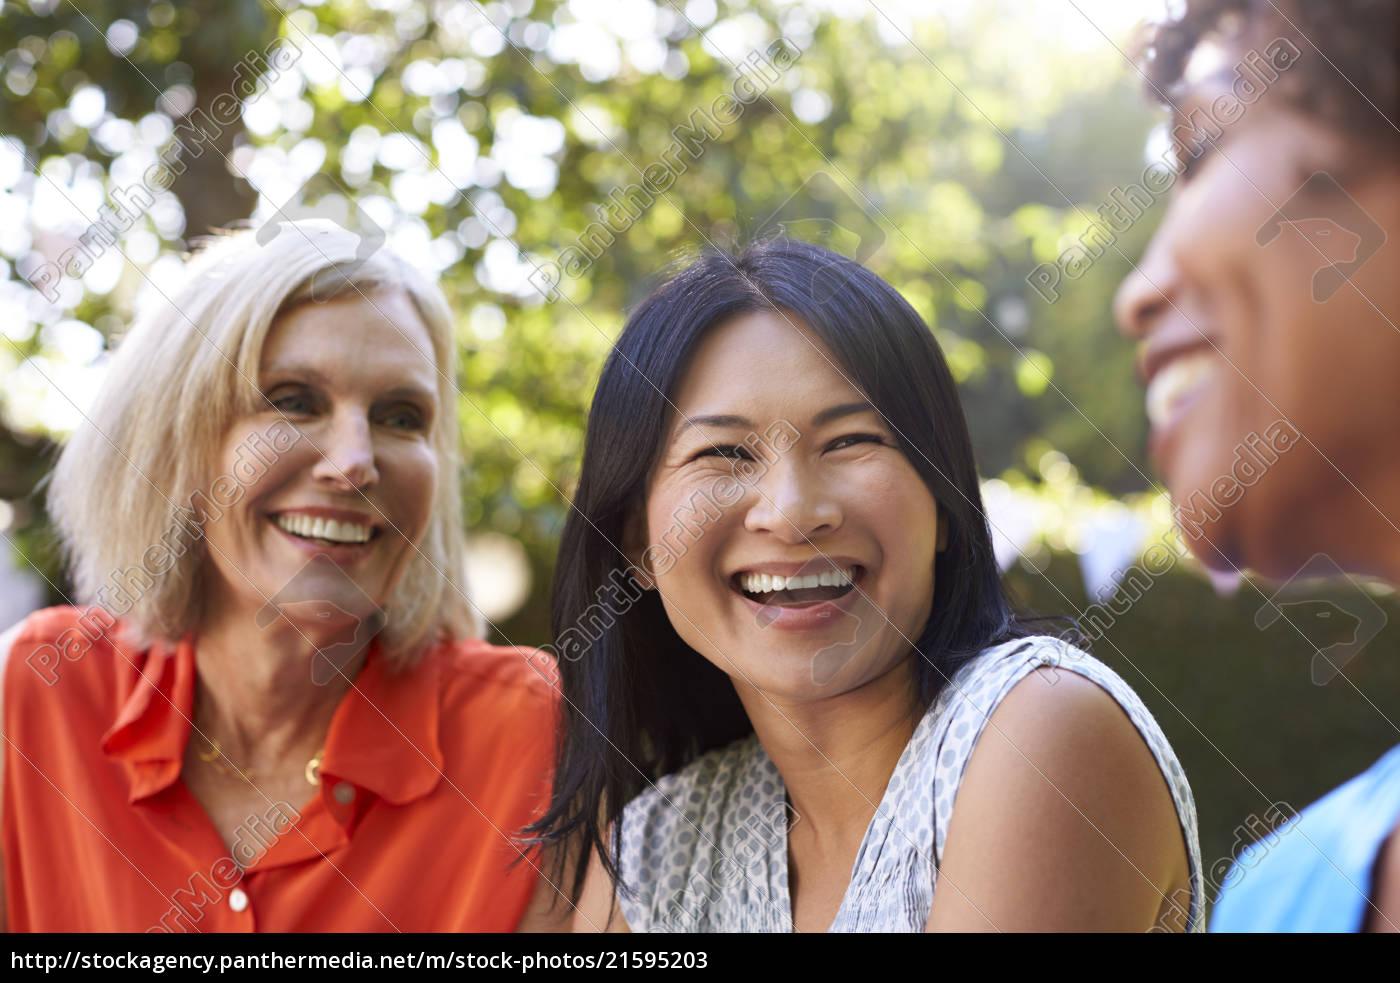 Amigas Maduras stockphoto 21595203 - amigas maduras socializando en el patio juntos